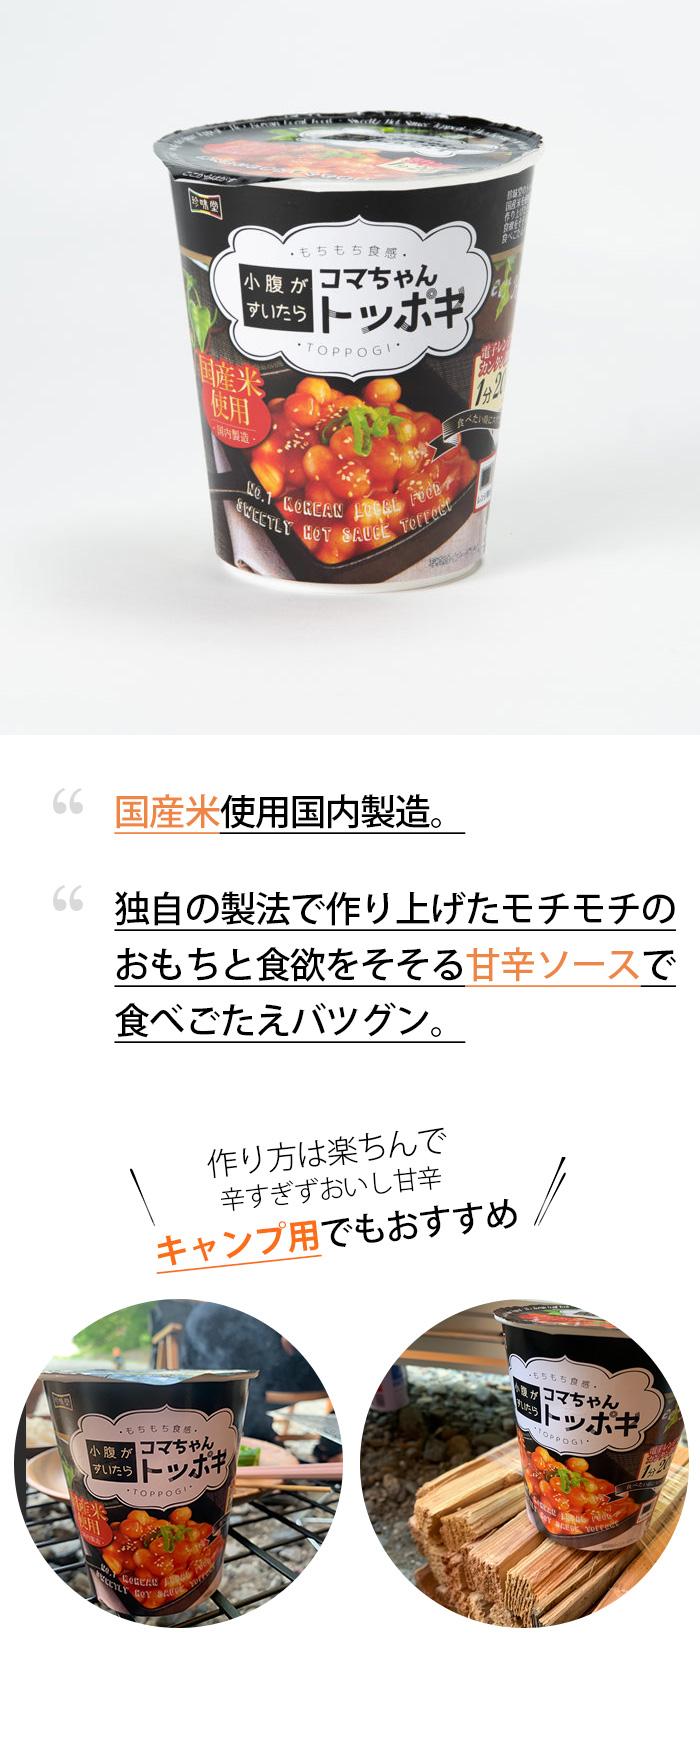 [珍味堂] コマちゃんトッポキ